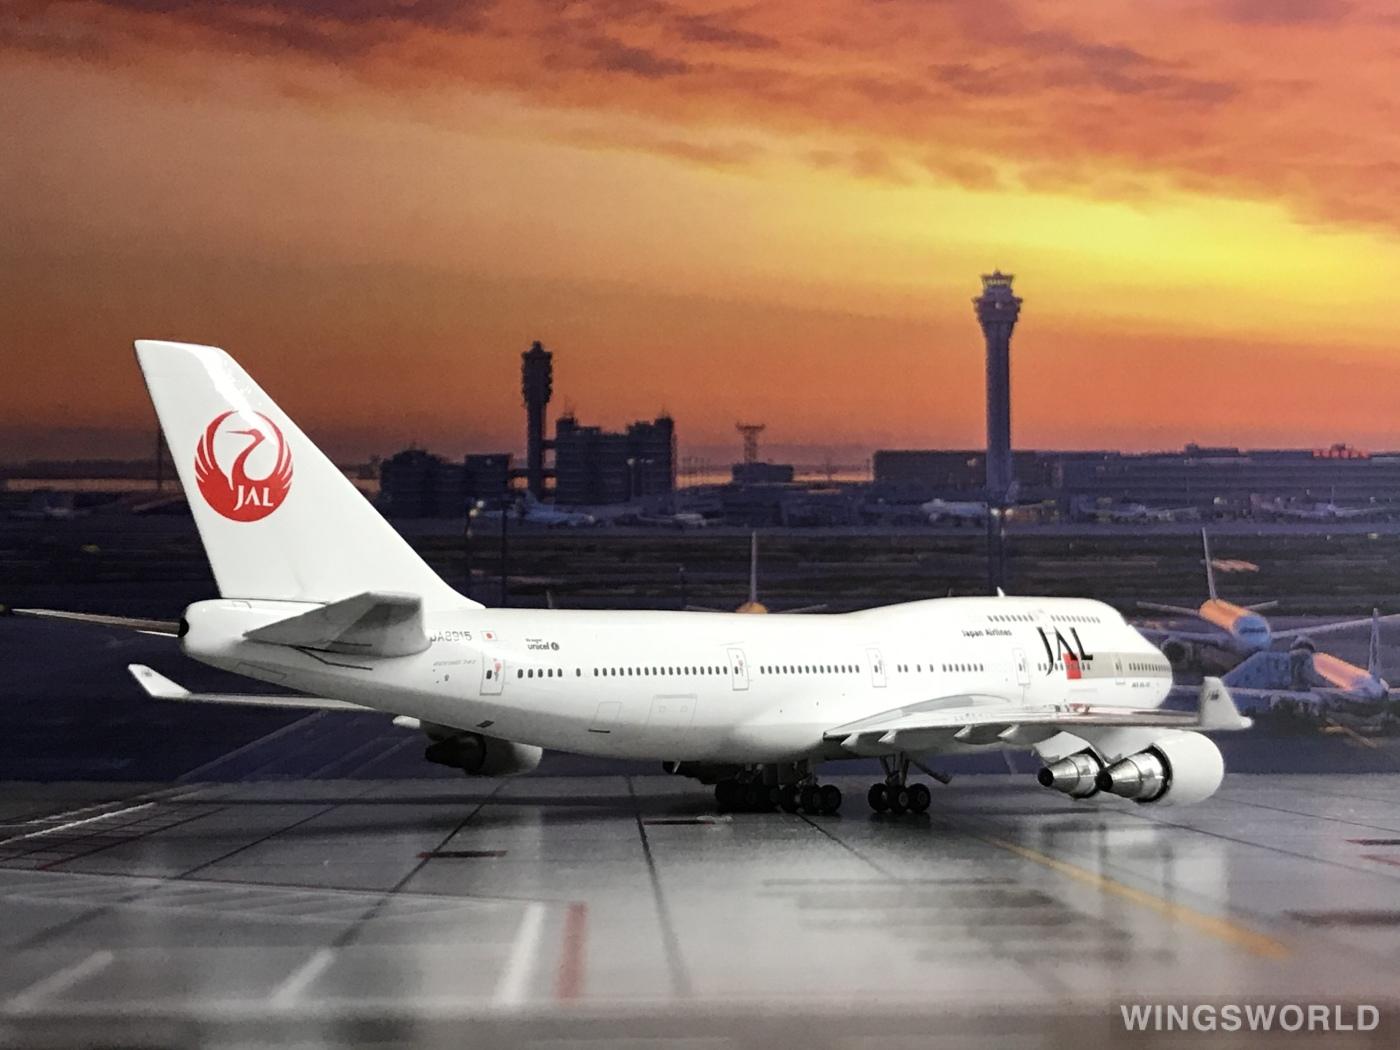 Phoenix 1:400 PH04181 Japan Airlines 日本航空 Boeing 747-400 JA8915